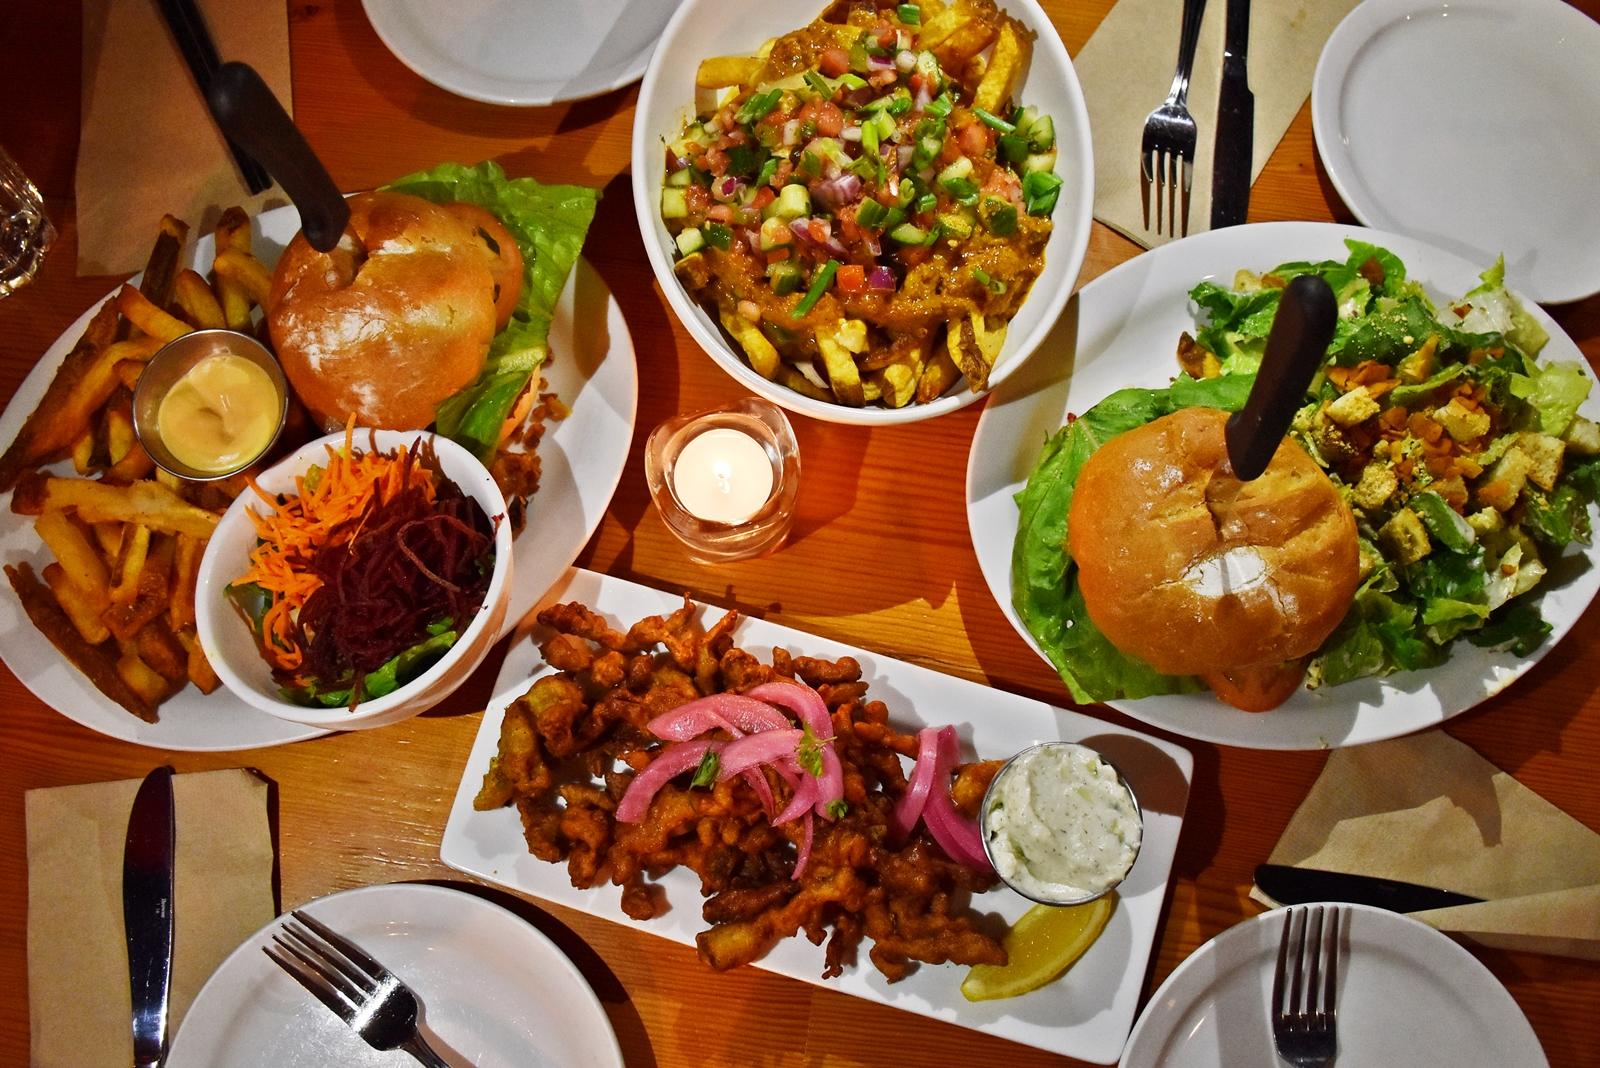 《早餐女皇之日常》: [加拿大素食] 植物系美食家!溫哥華精緻素食餐廳懶人包